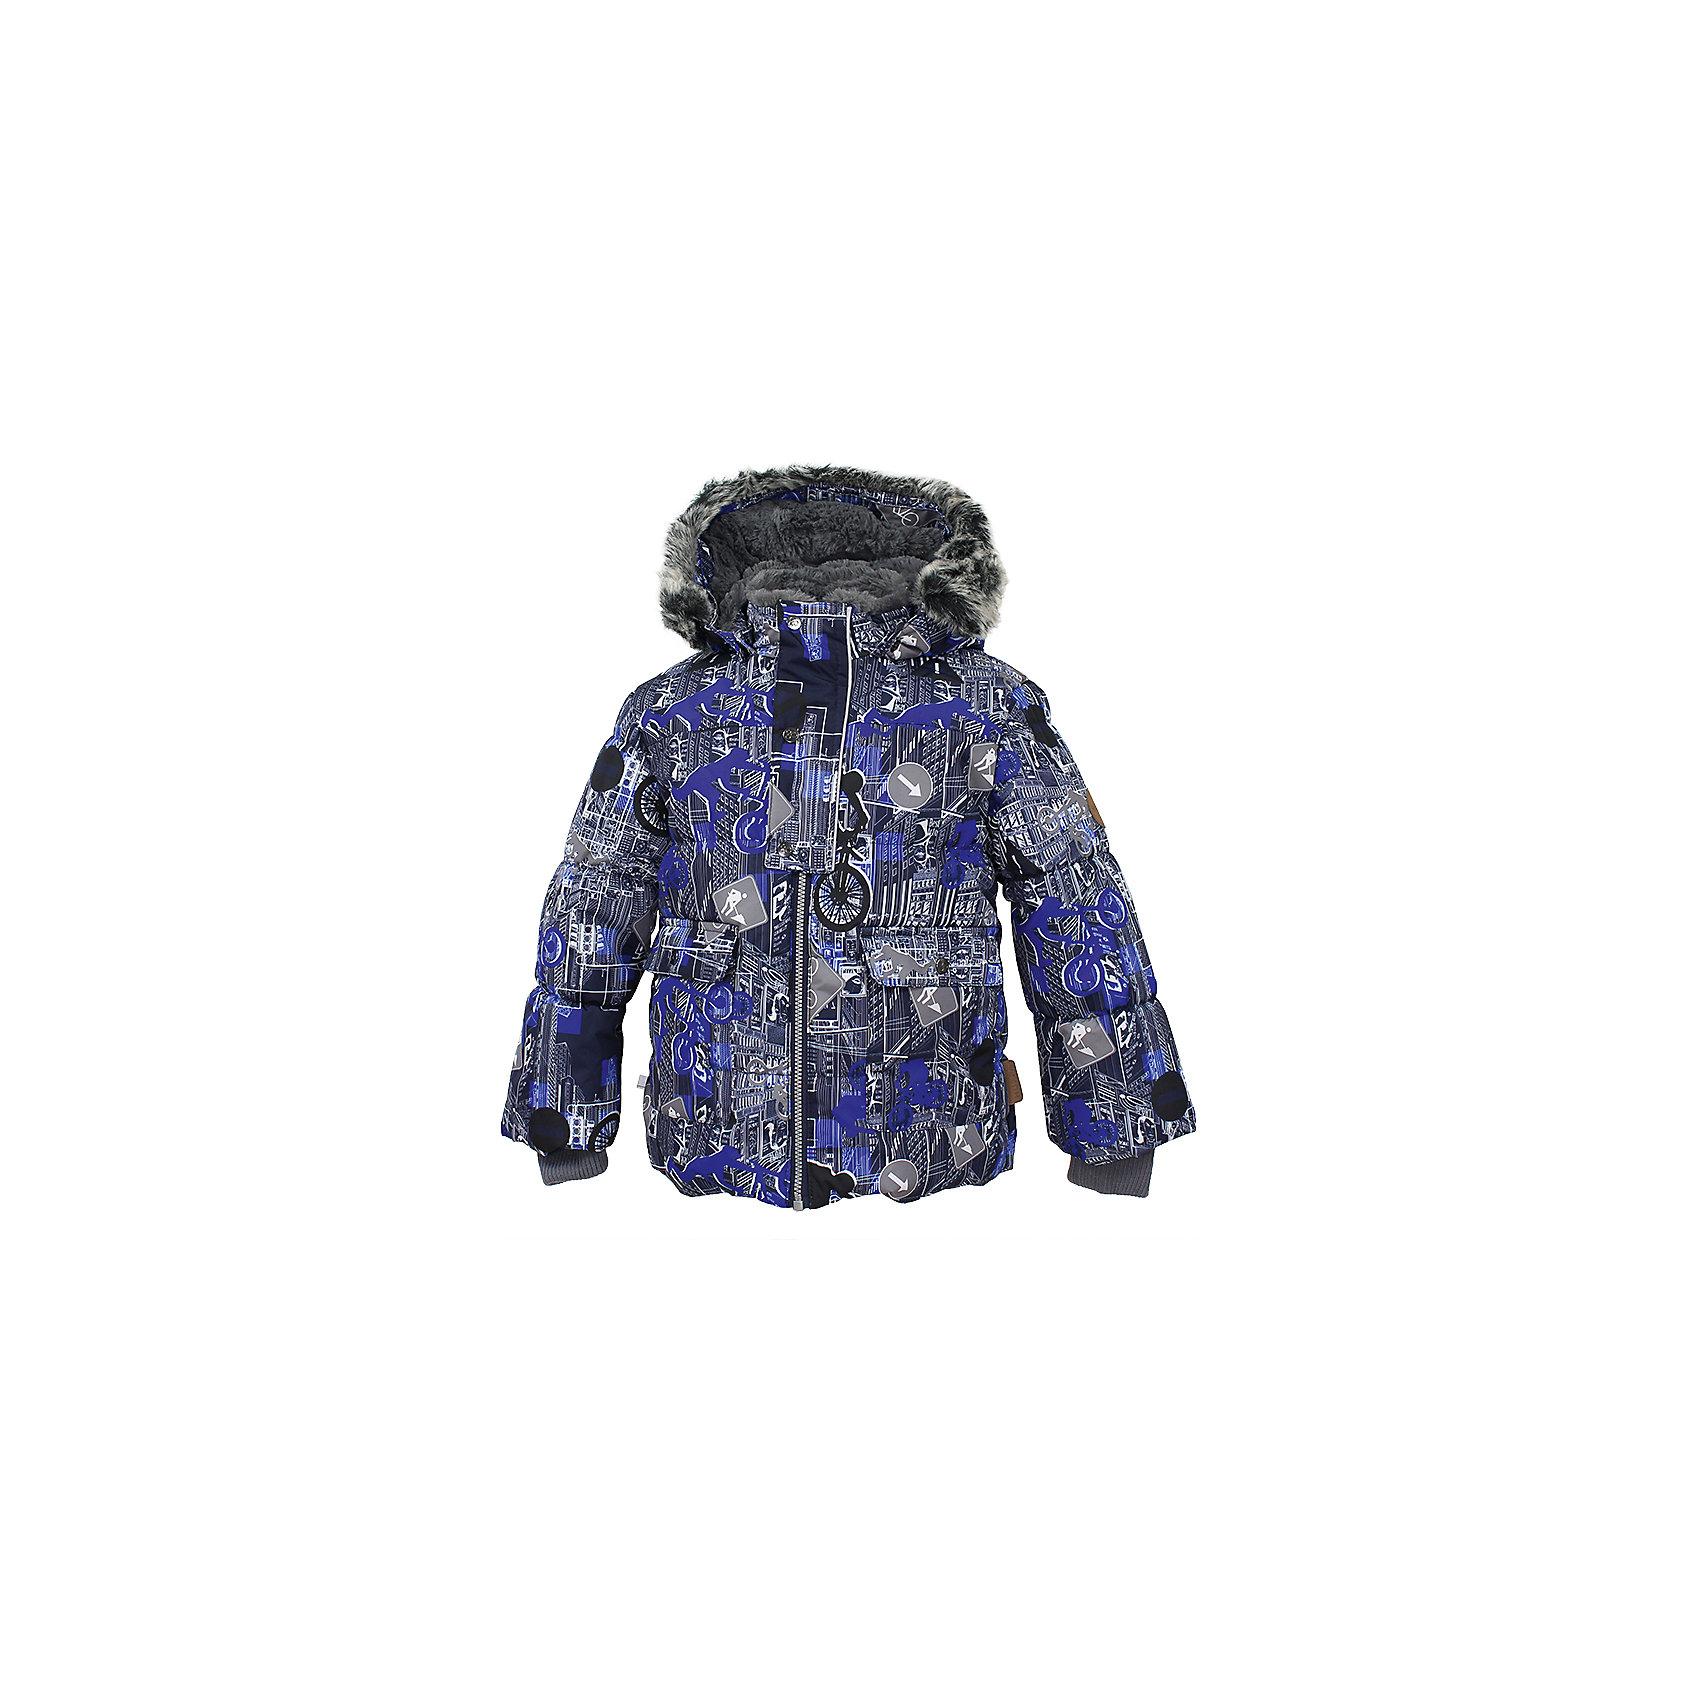 Куртка OLIVER Huppa для мальчикаЗимние куртки<br>Куртка для мальчиков OLIVER.Водо и воздухонепроницаемость 10 000 .Утеплитель 300 гр. Подкладка Teddy Fur, тафта 100% полиэстер.Капюшон с отстегивающимся мехом.Внутренний манжет рукава. Имеются светоотражательные элементы.<br>Состав:<br>100% Полиэстер<br><br>Ширина мм: 356<br>Глубина мм: 10<br>Высота мм: 245<br>Вес г: 519<br>Цвет: синий<br>Возраст от месяцев: 72<br>Возраст до месяцев: 84<br>Пол: Мужской<br>Возраст: Детский<br>Размер: 122,74,80,86,92,98,104,110,116<br>SKU: 7024902